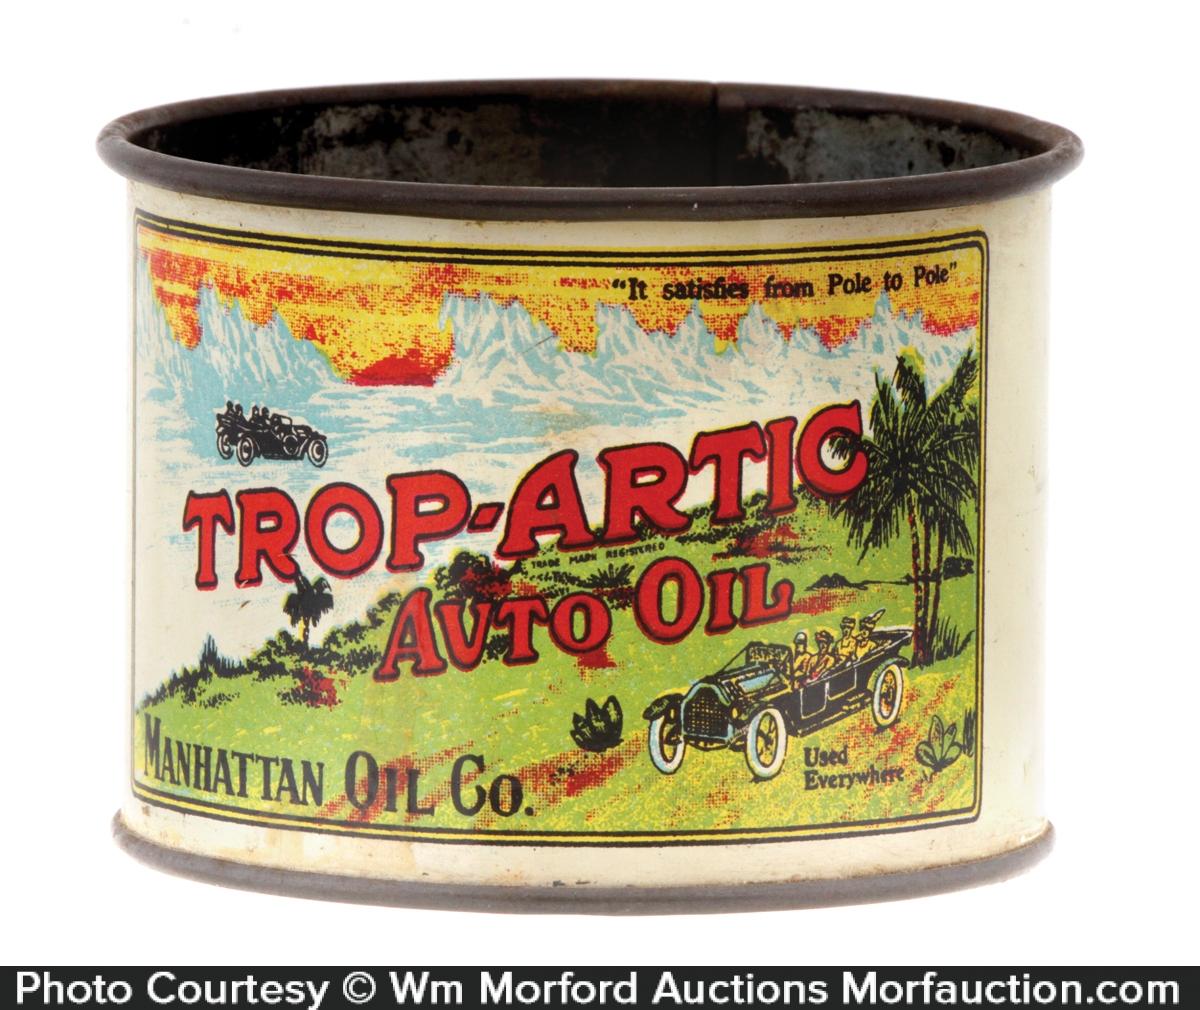 Antique Advertising Trop Artic Motor Oil Cup Antique